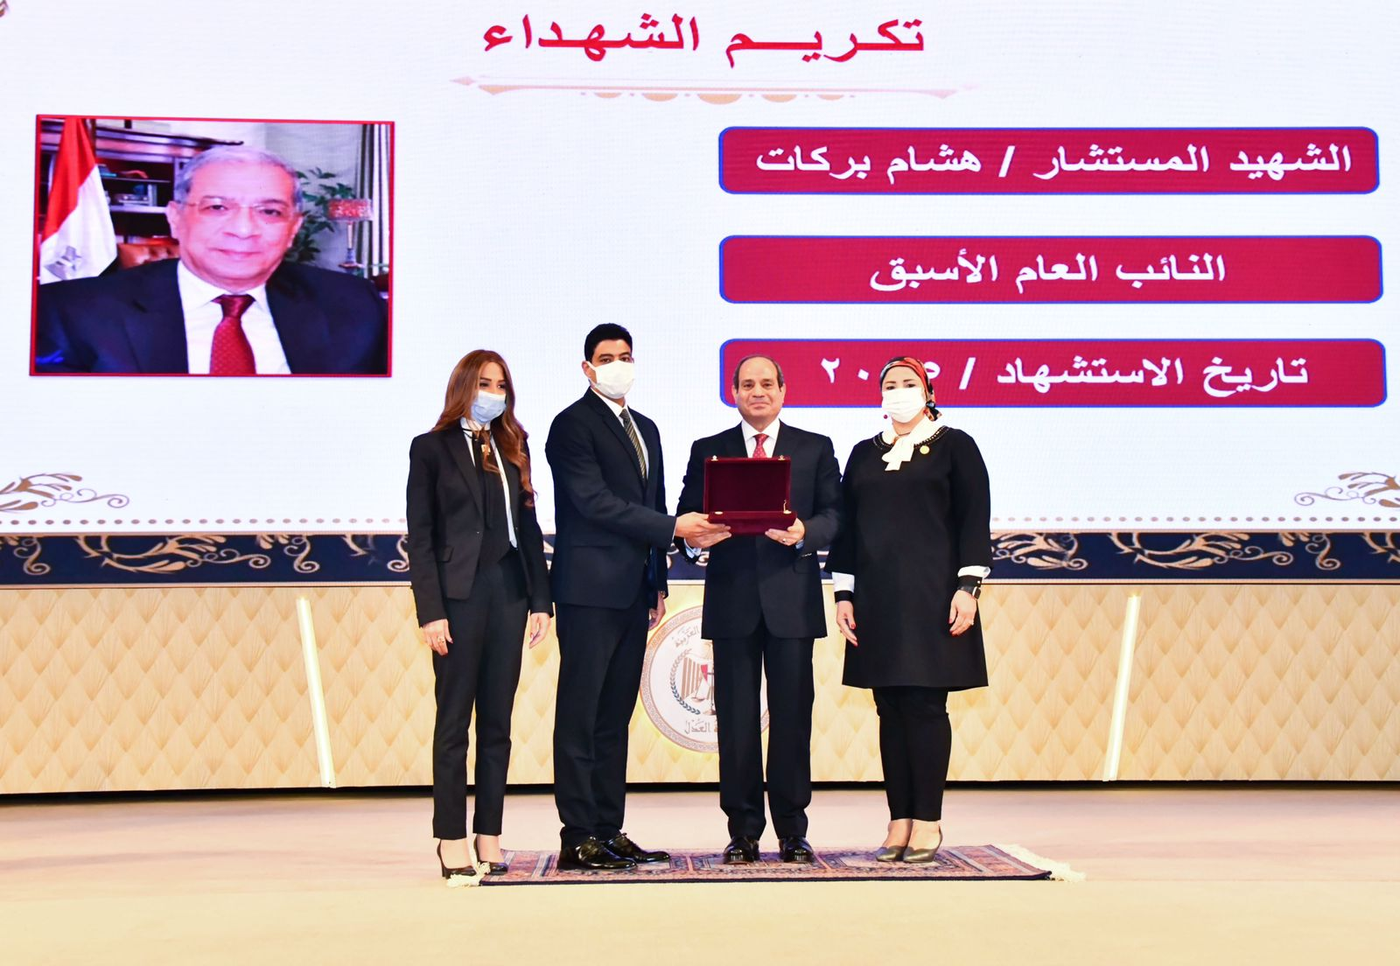 شاهد صور مشاركة الرئيس السيسي في احتفالية يوم القضاء المصري